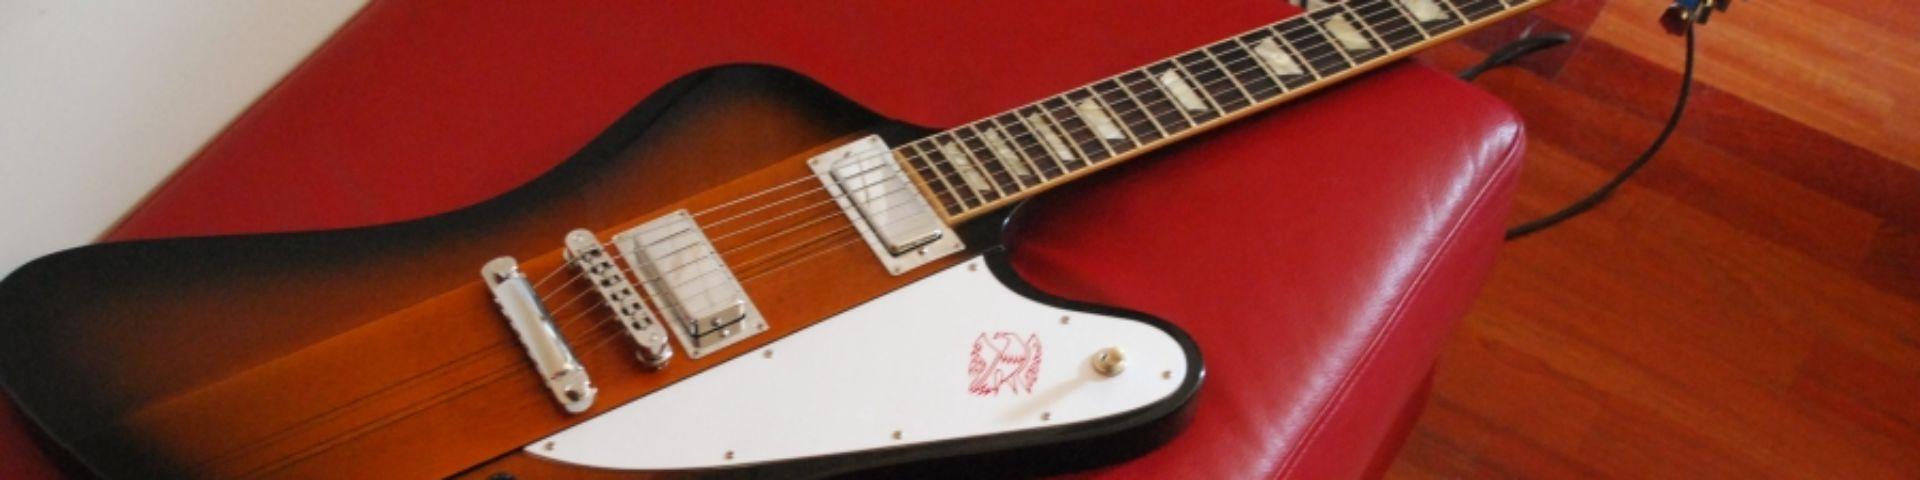 Gibson Firebird - E-Gitarrenguru.de